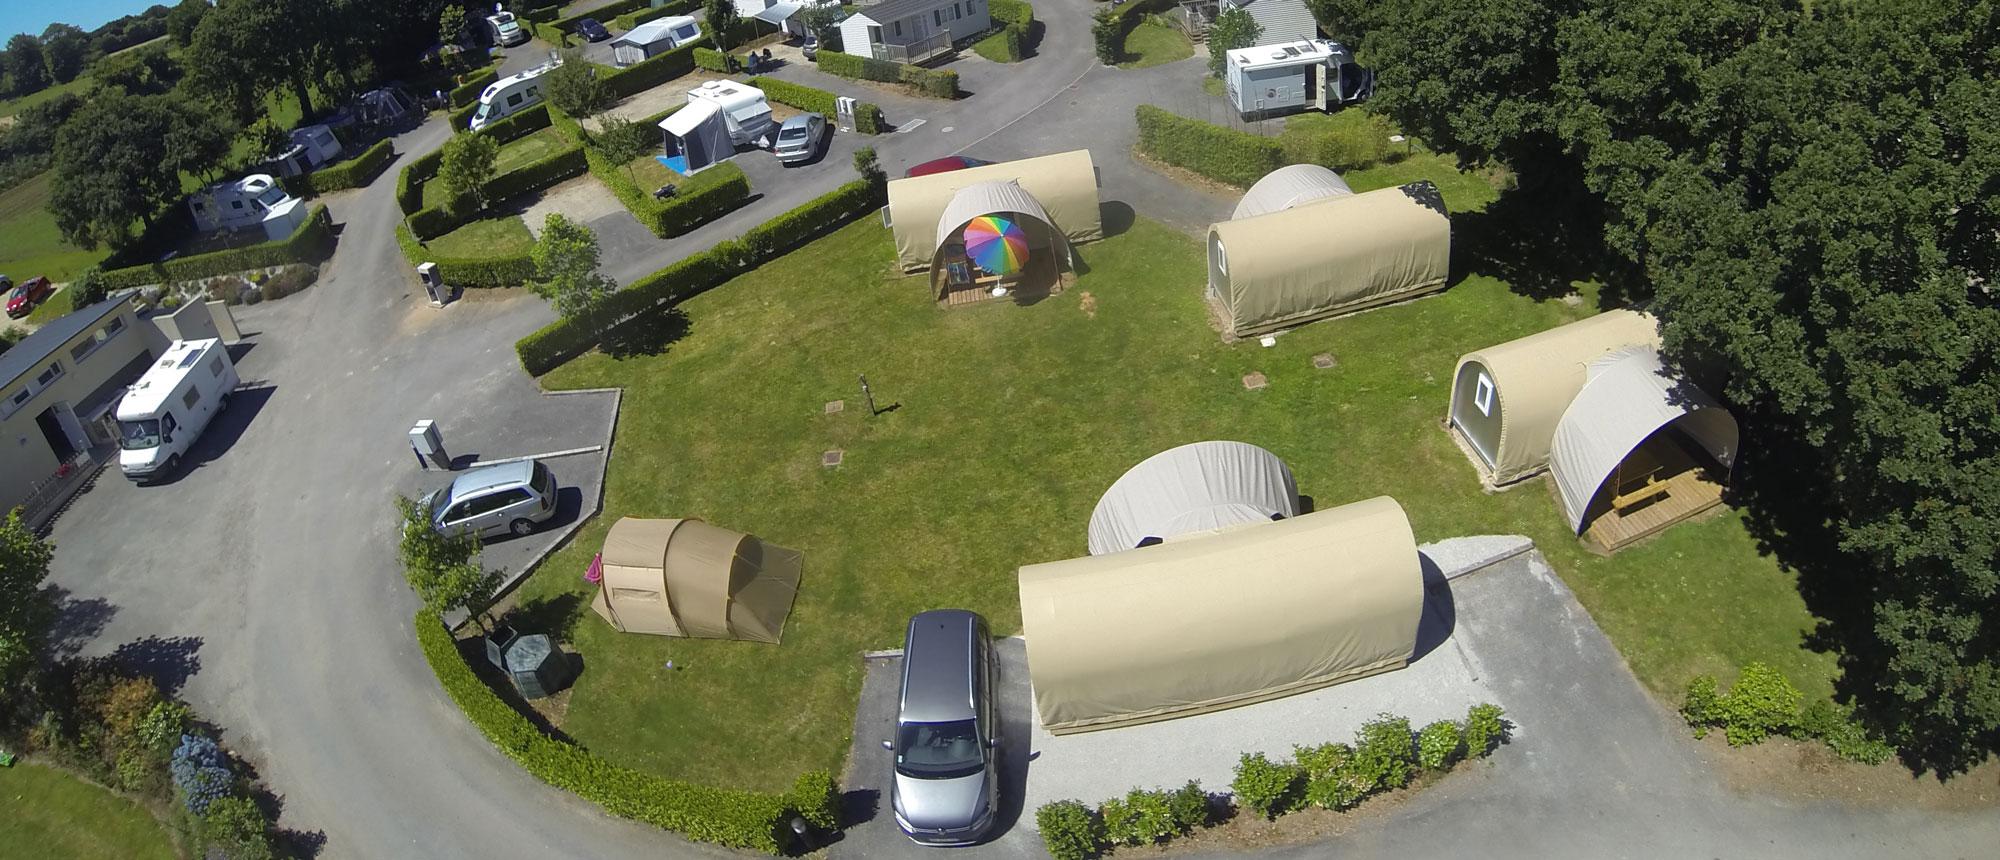 location coco sweet : camping près du parc les 3 récrés